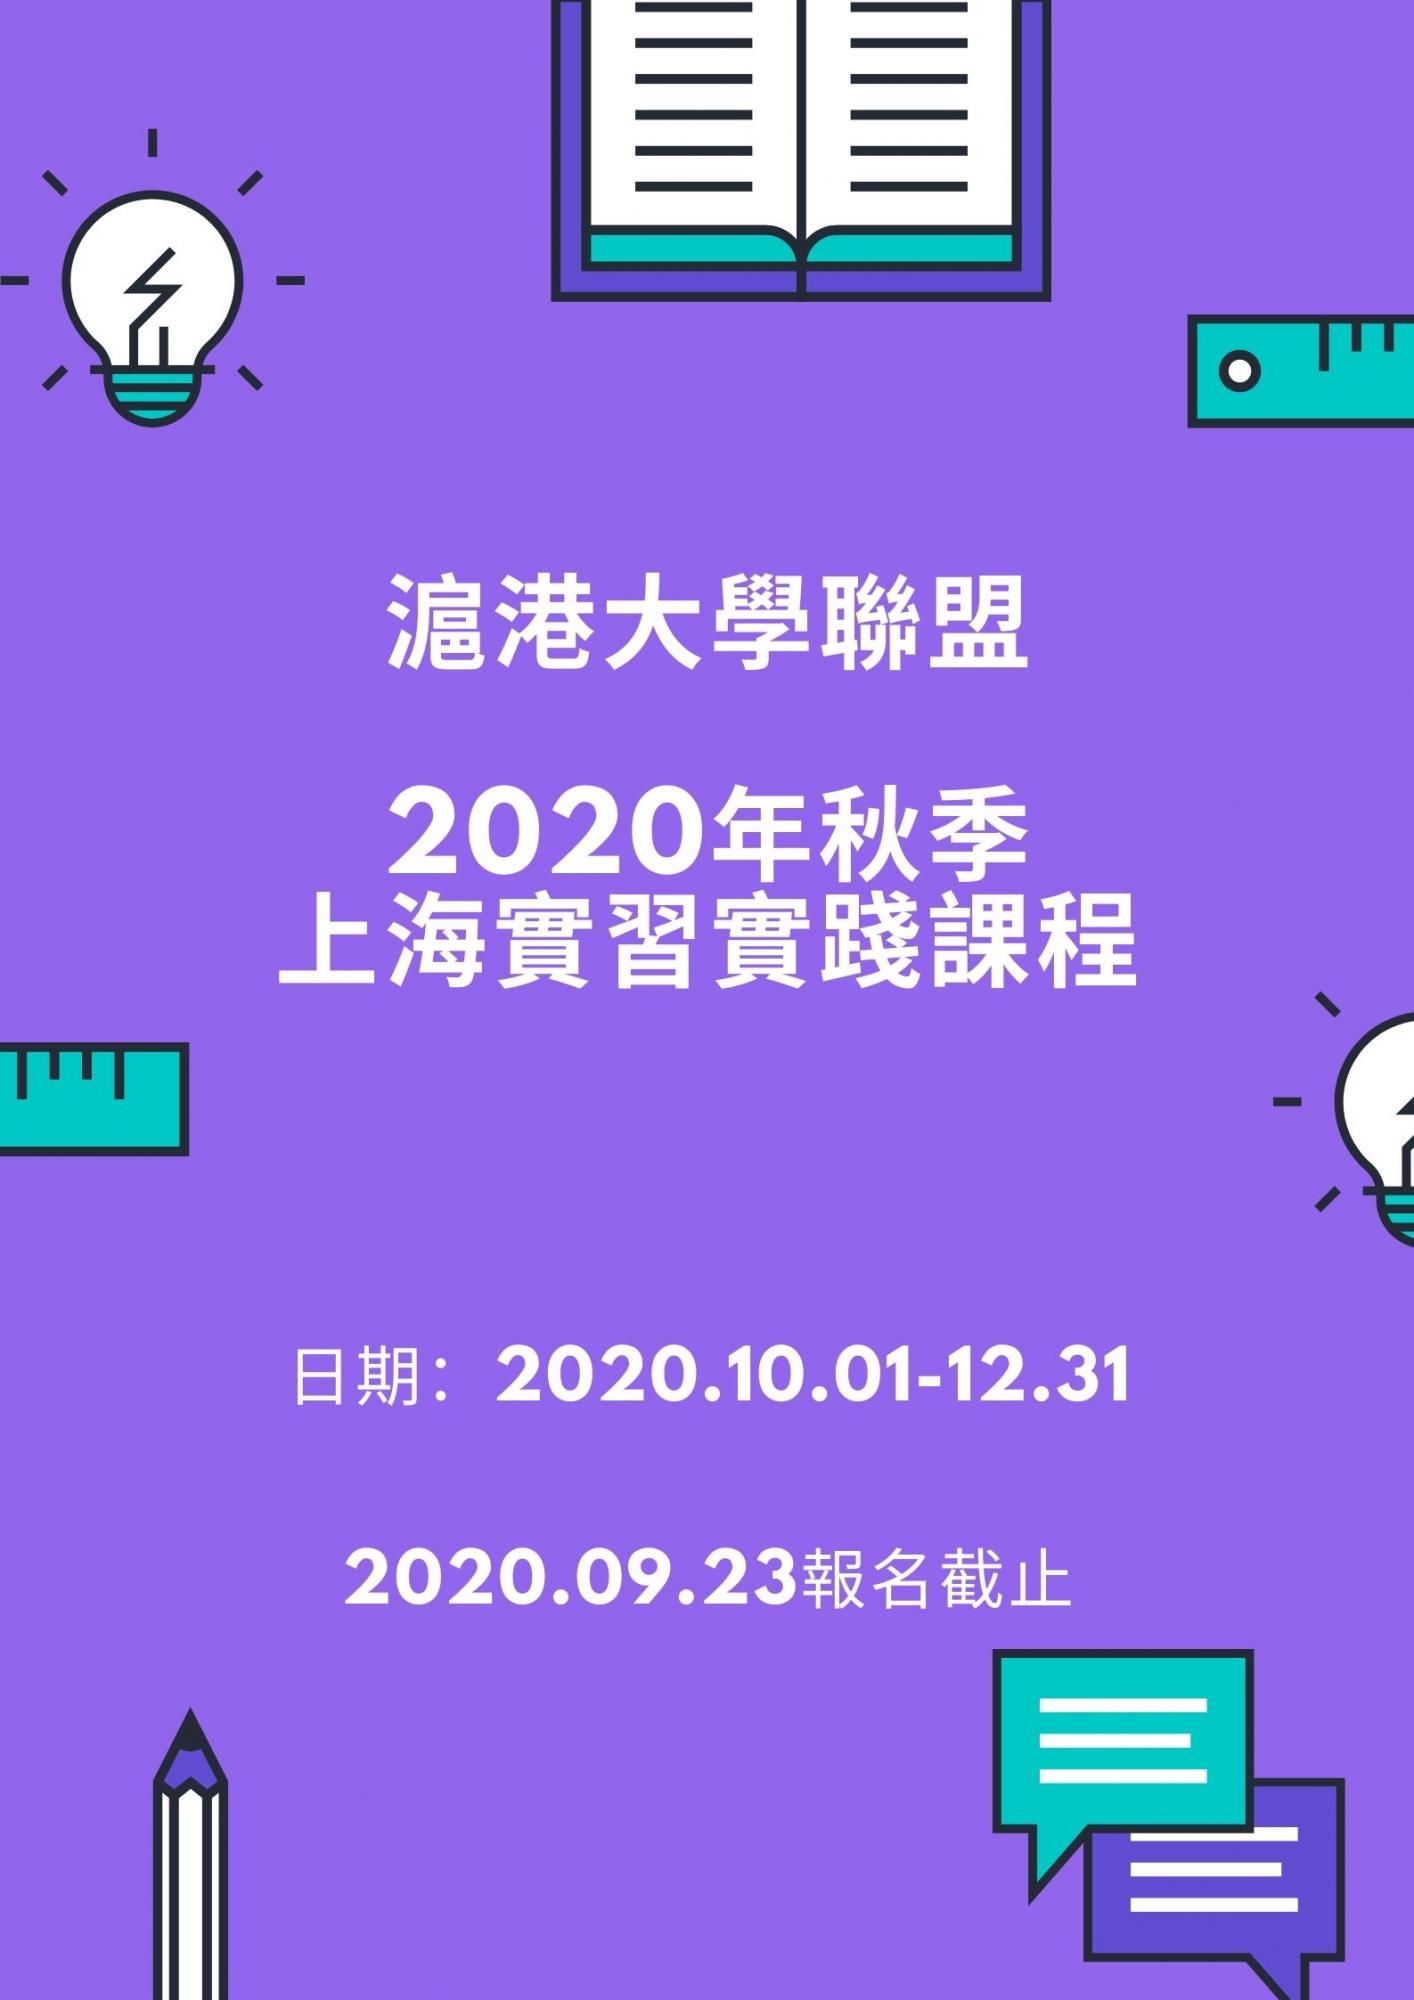 滬港大學聯盟 - 2020年秋季上海實習實踐課程